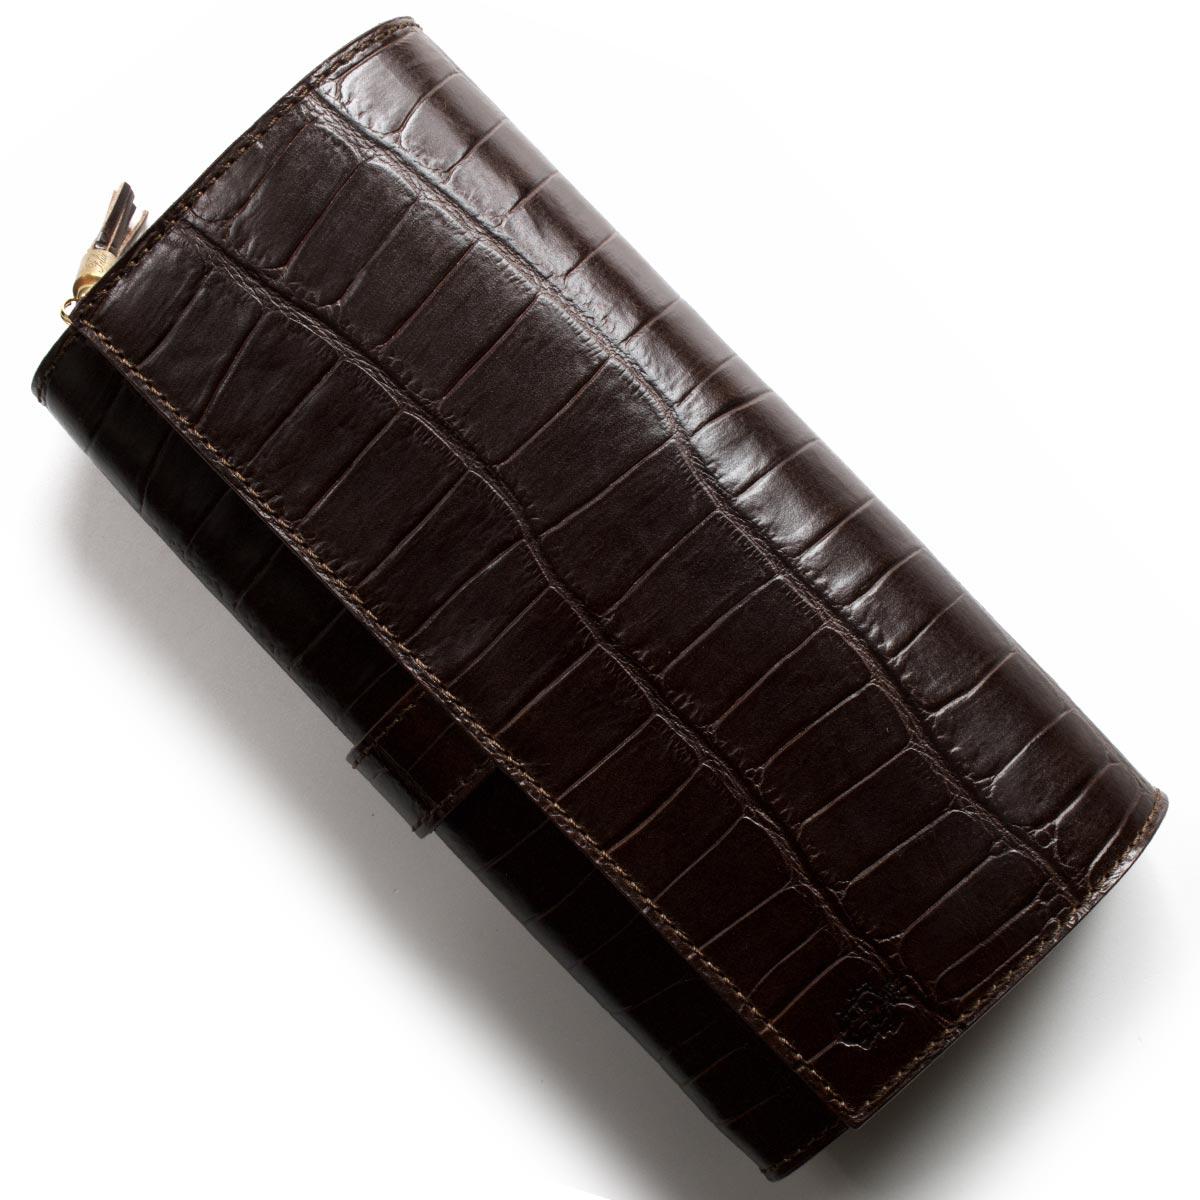 フェリージ 長財布 財布 メンズ レディース クロコ型押し モロダークブラウン 3005 SA 0002 FELISI